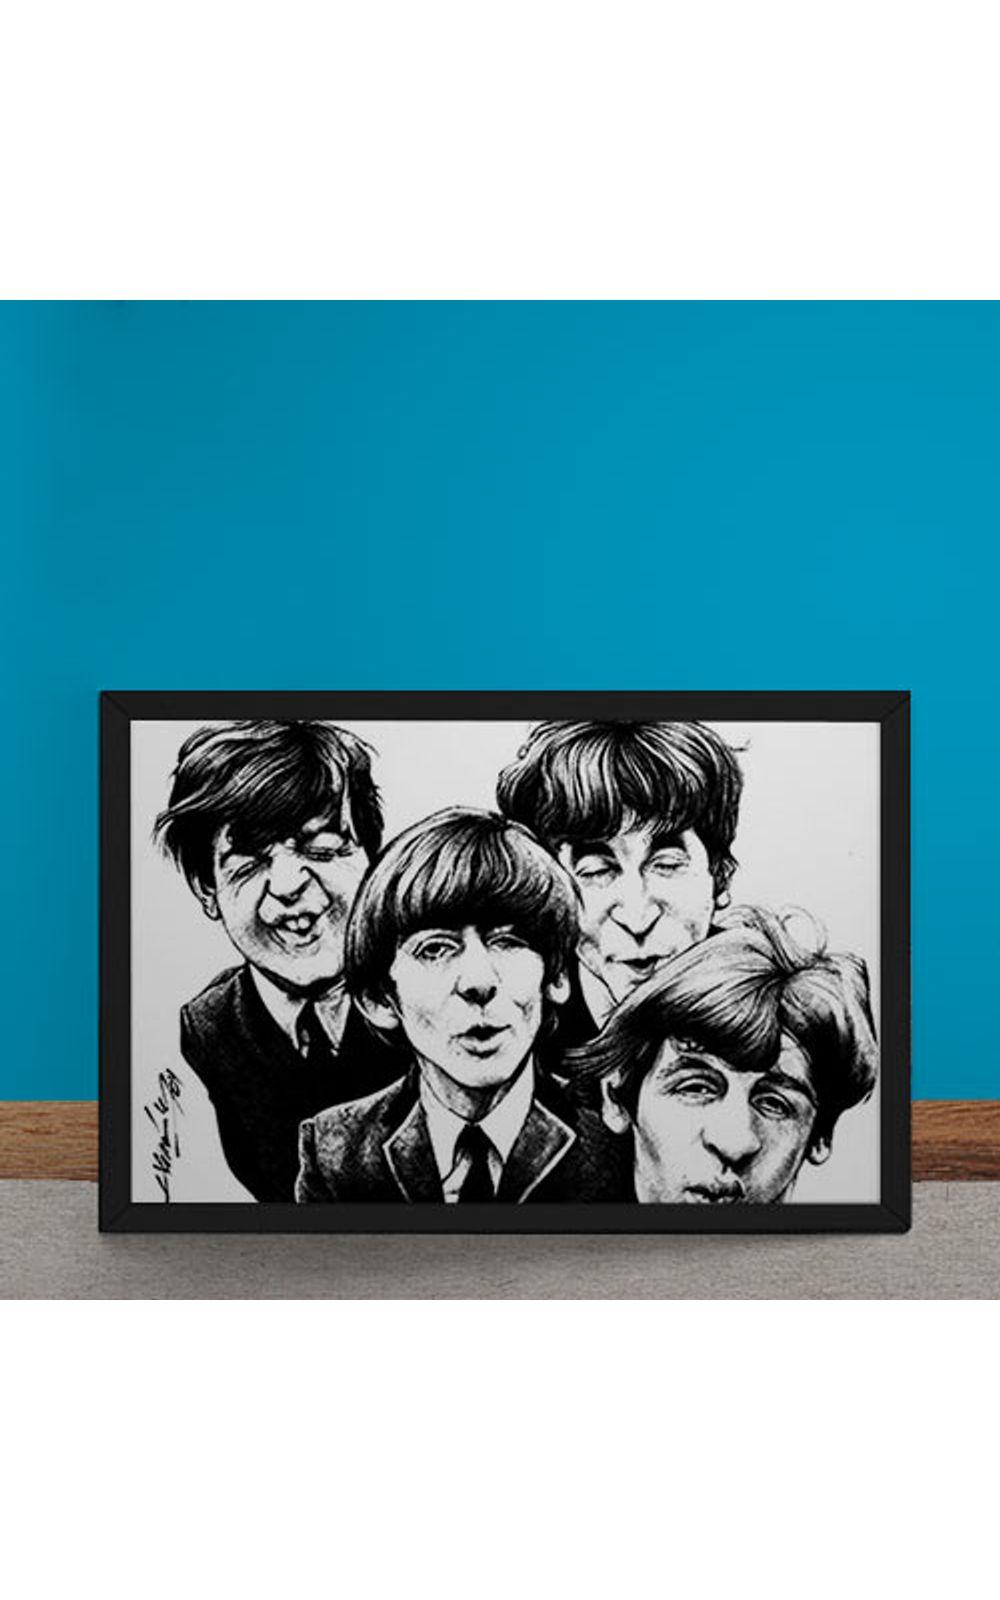 Foto 6 - Quadro Decorativo Beatles Caricatura